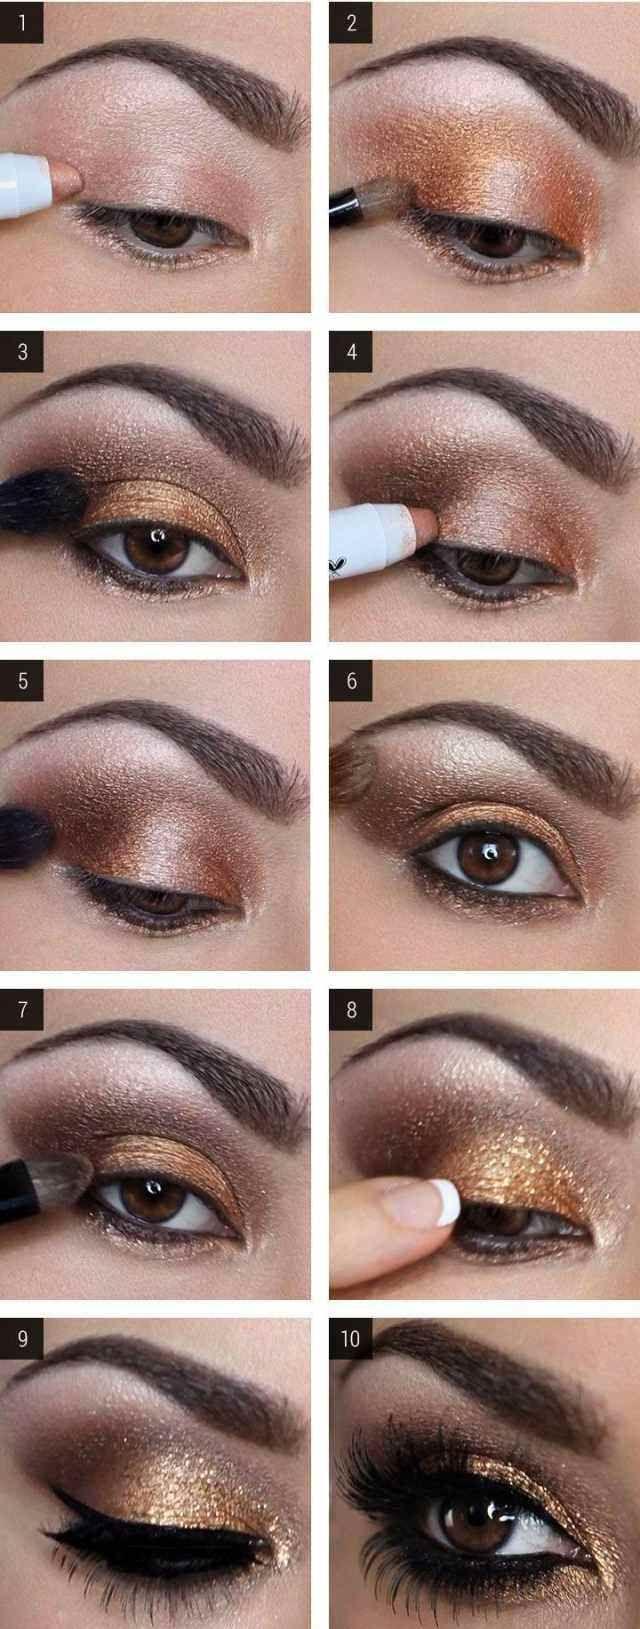 maquillage des yeux élégant, fard à paupières en or et marron et eye,liner